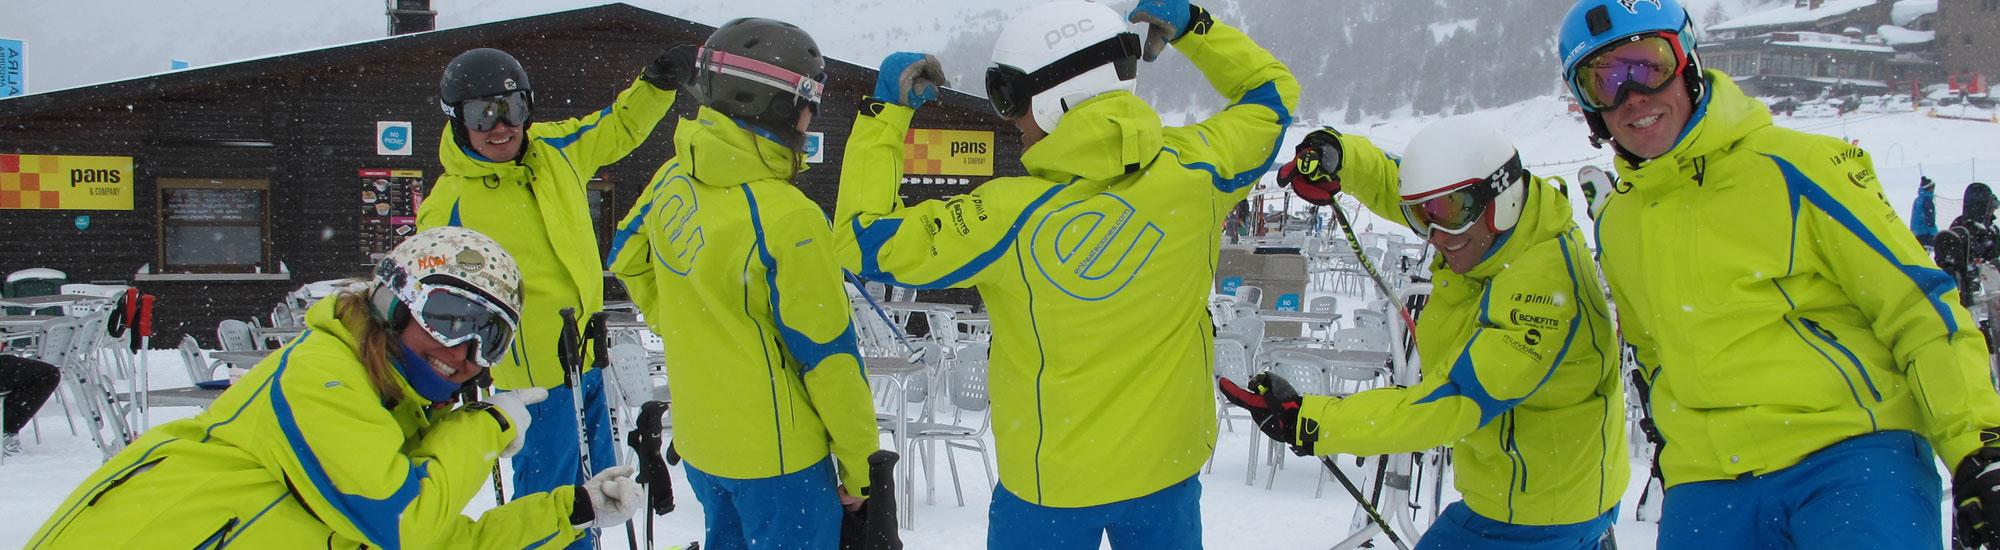 esquiar, grupos, precios especiales, puente, fin de semana, semana santa, samana blanca, nieve